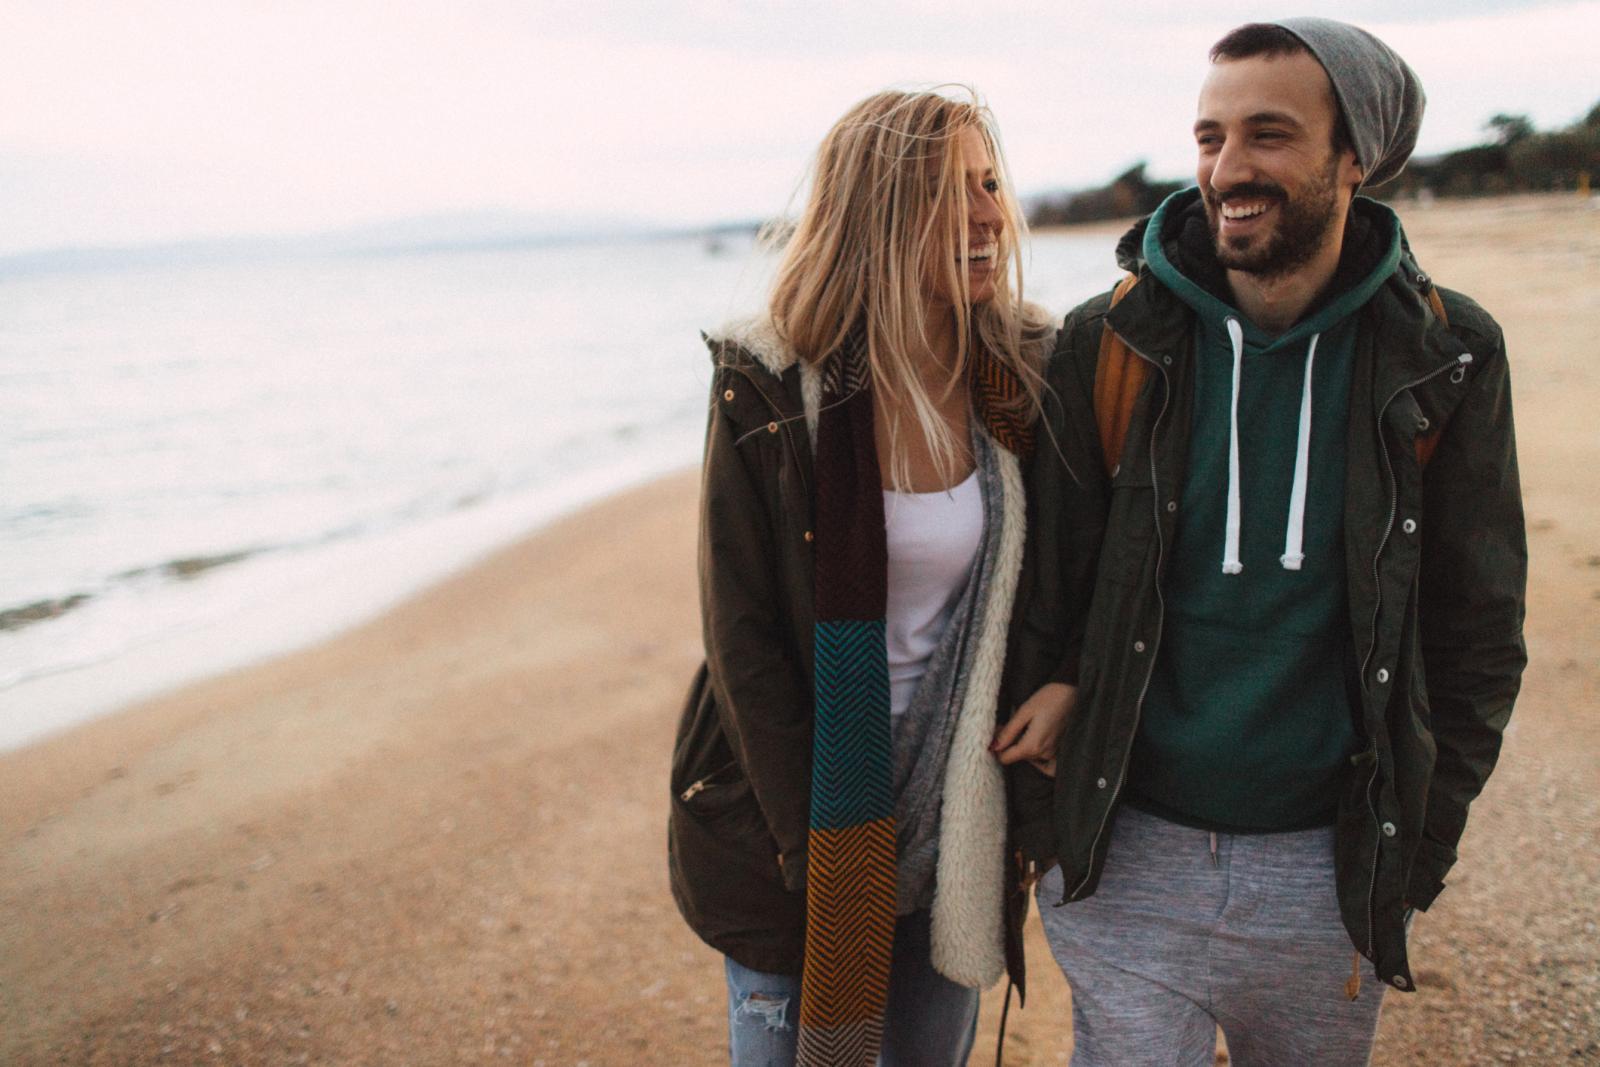 Različitosti nas privlače, ali upravo sličnosti održavaju vezu zdravom.